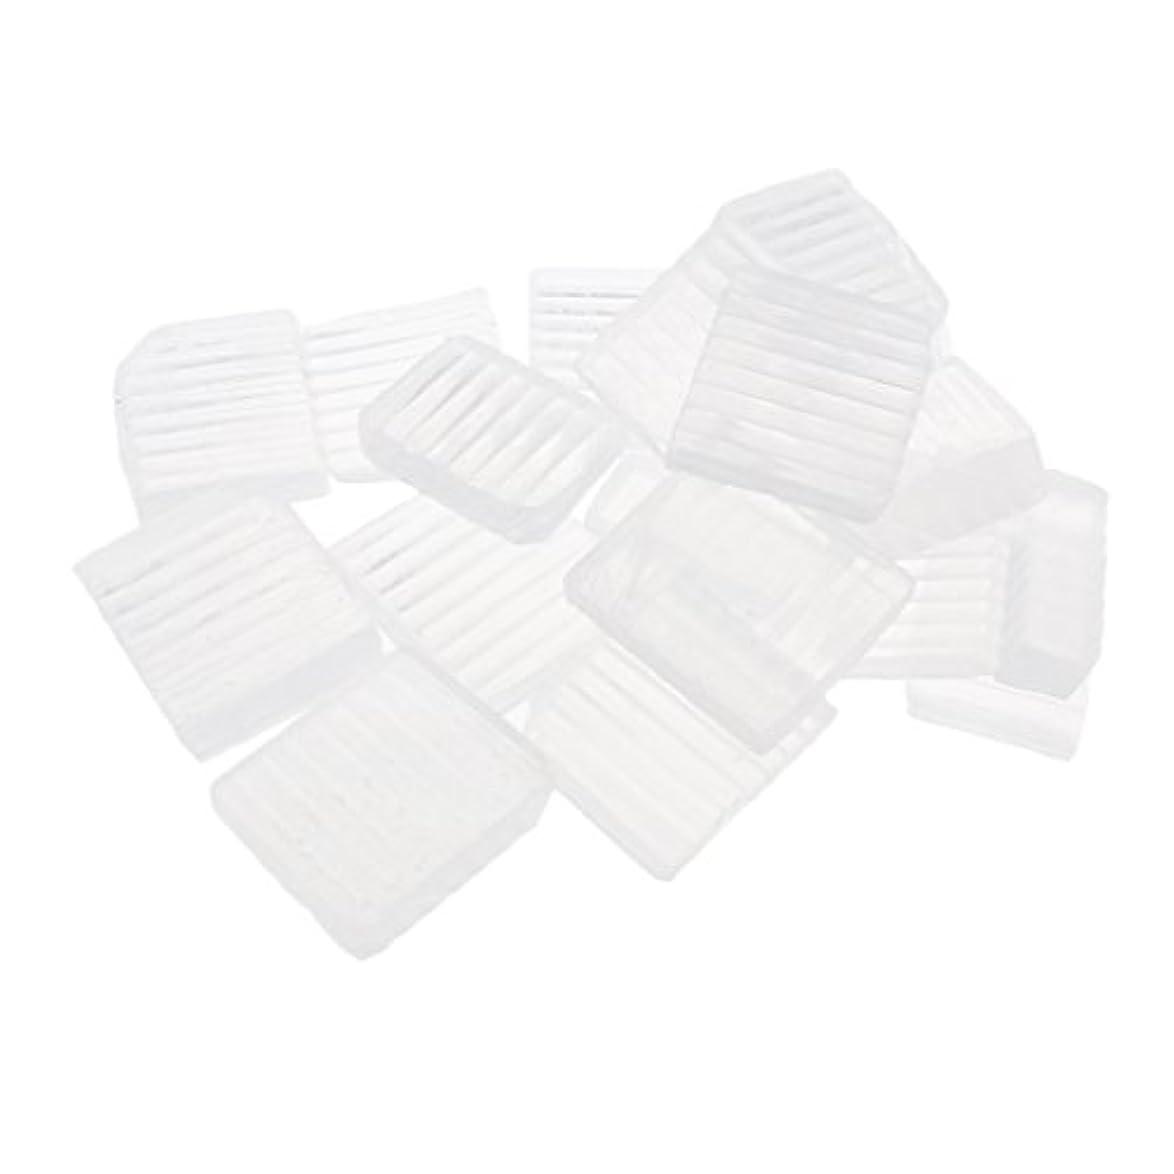 給料ほめる届けるchiwanji 透明メルト プアソープベース DIY ハンドメイド ソープ生素材 透明 石鹸ベース 手作り 石鹸 約1 KG